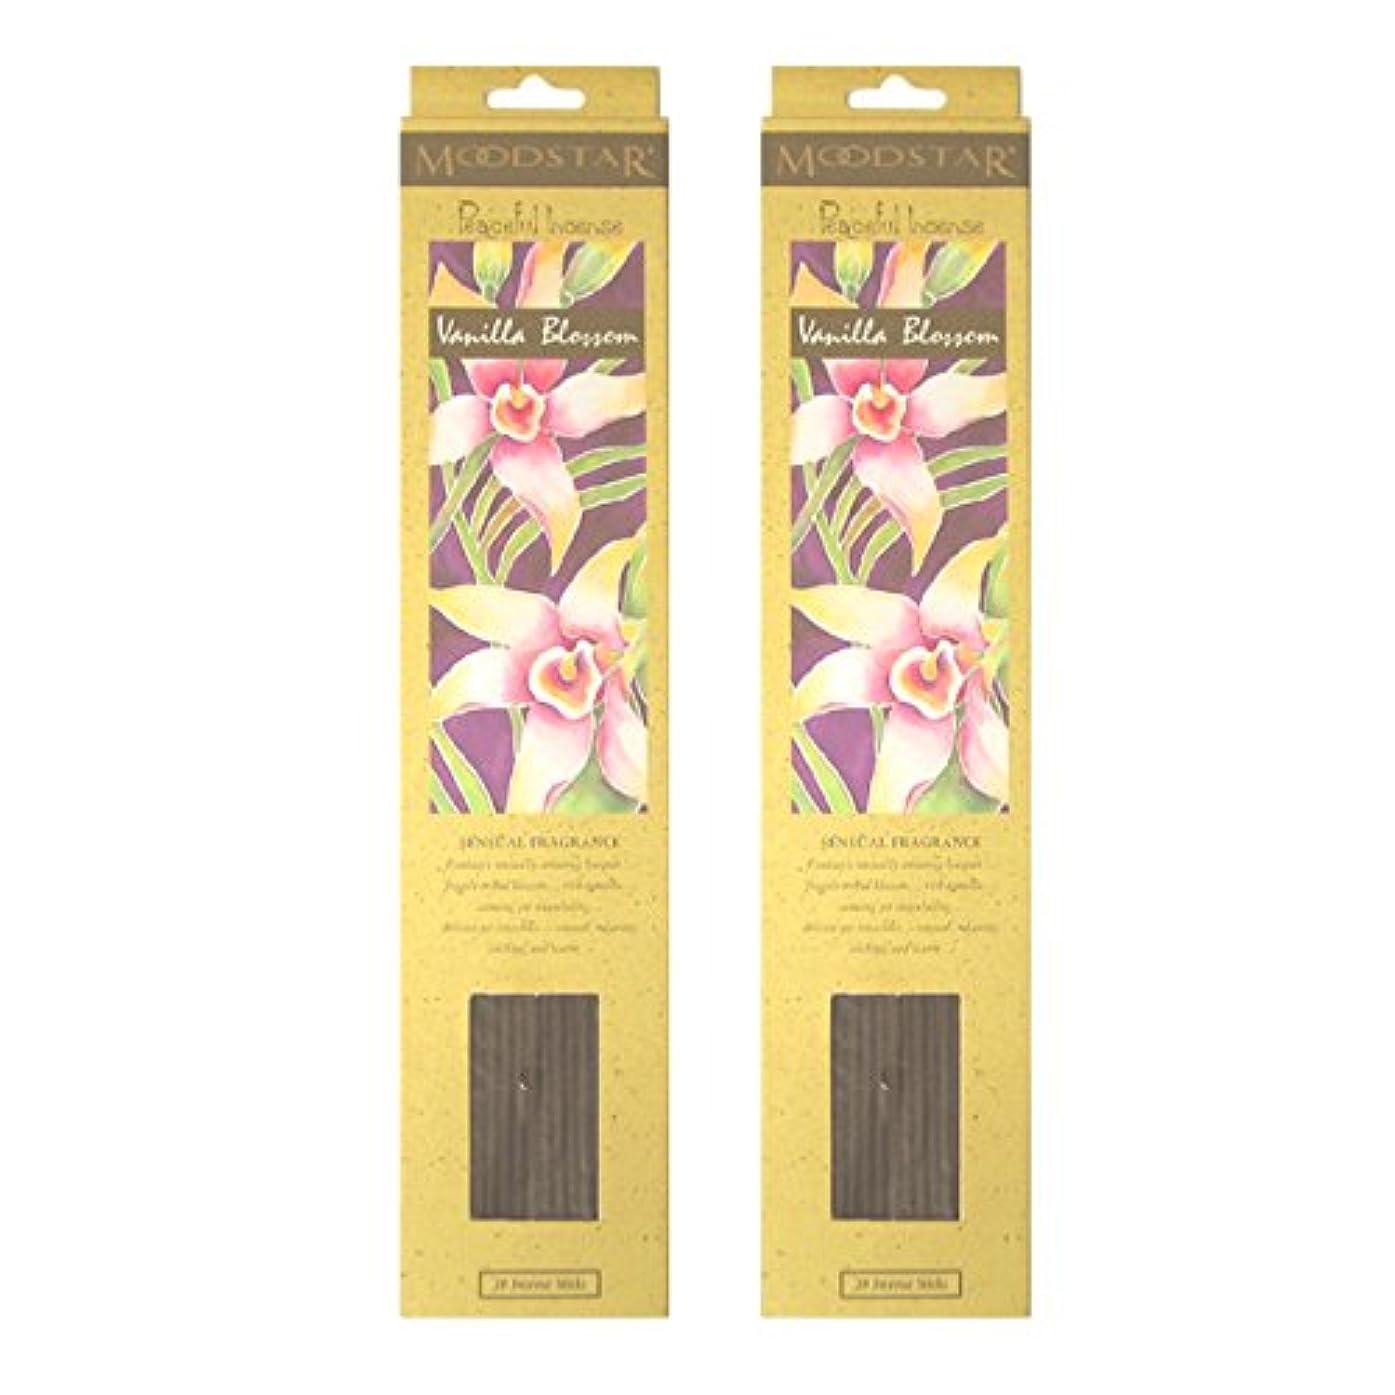 クリップ手足大腿MOODSTAR ムードスター Vanilla Blossom バニラ?ブロッサム お香 20本 X 2パック (40本)